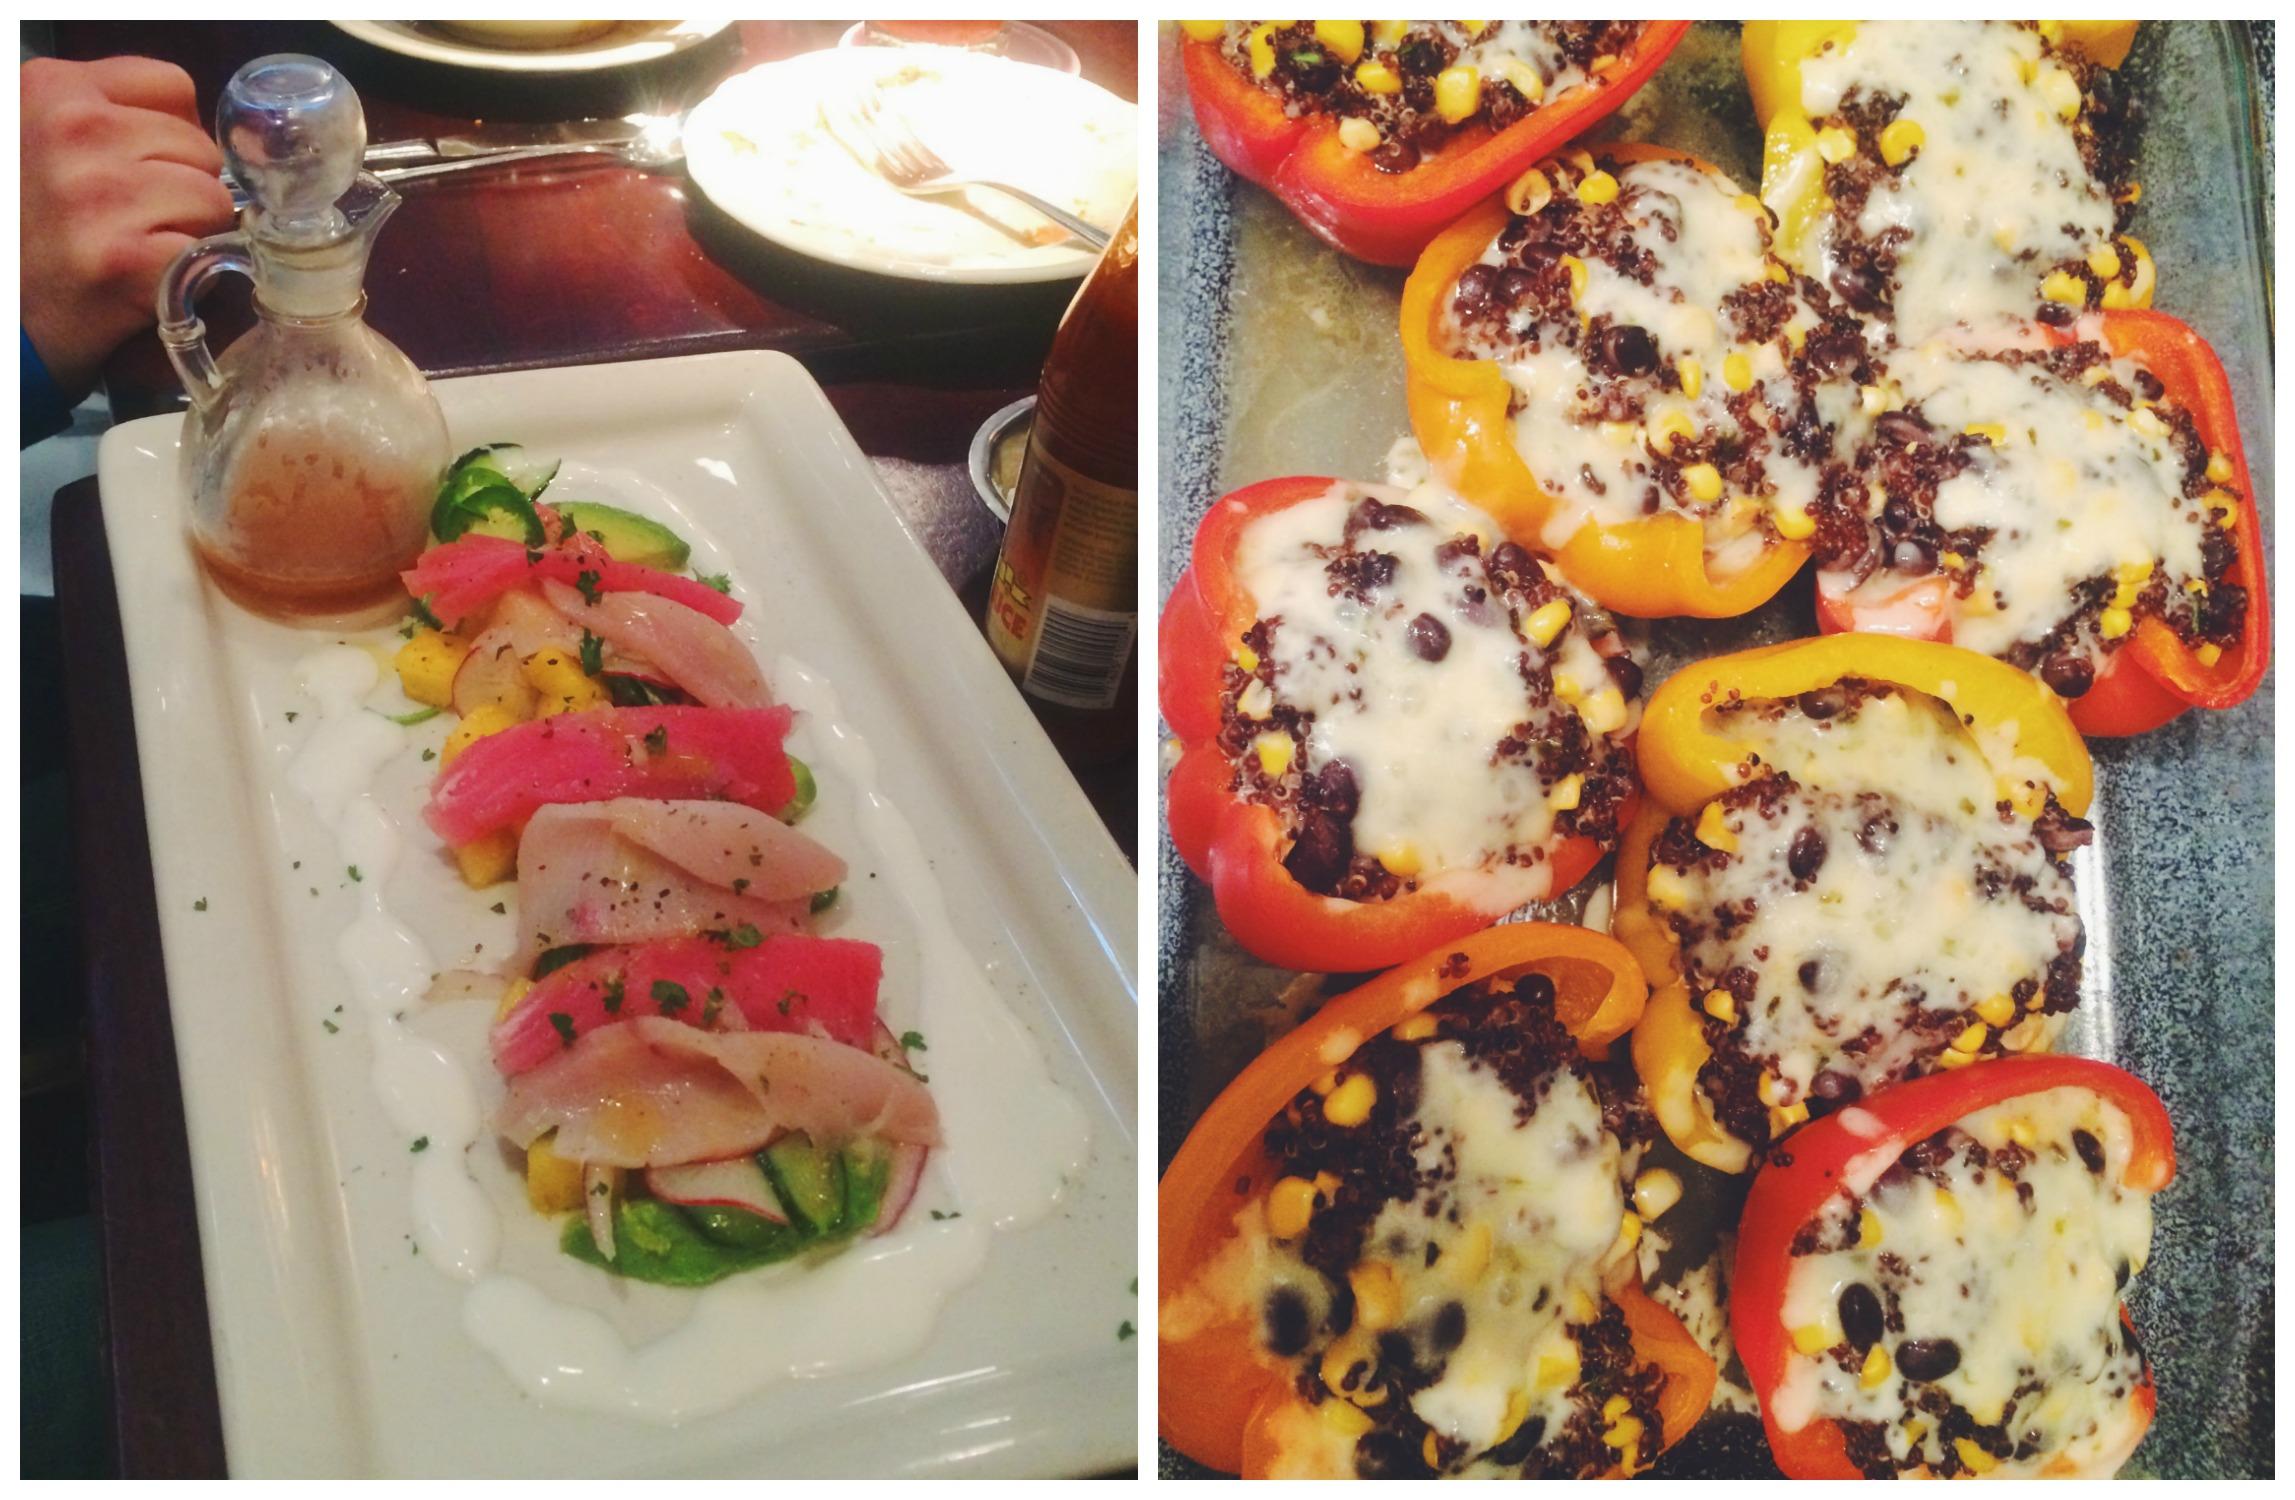 Sashimi + Stuffed Peppers